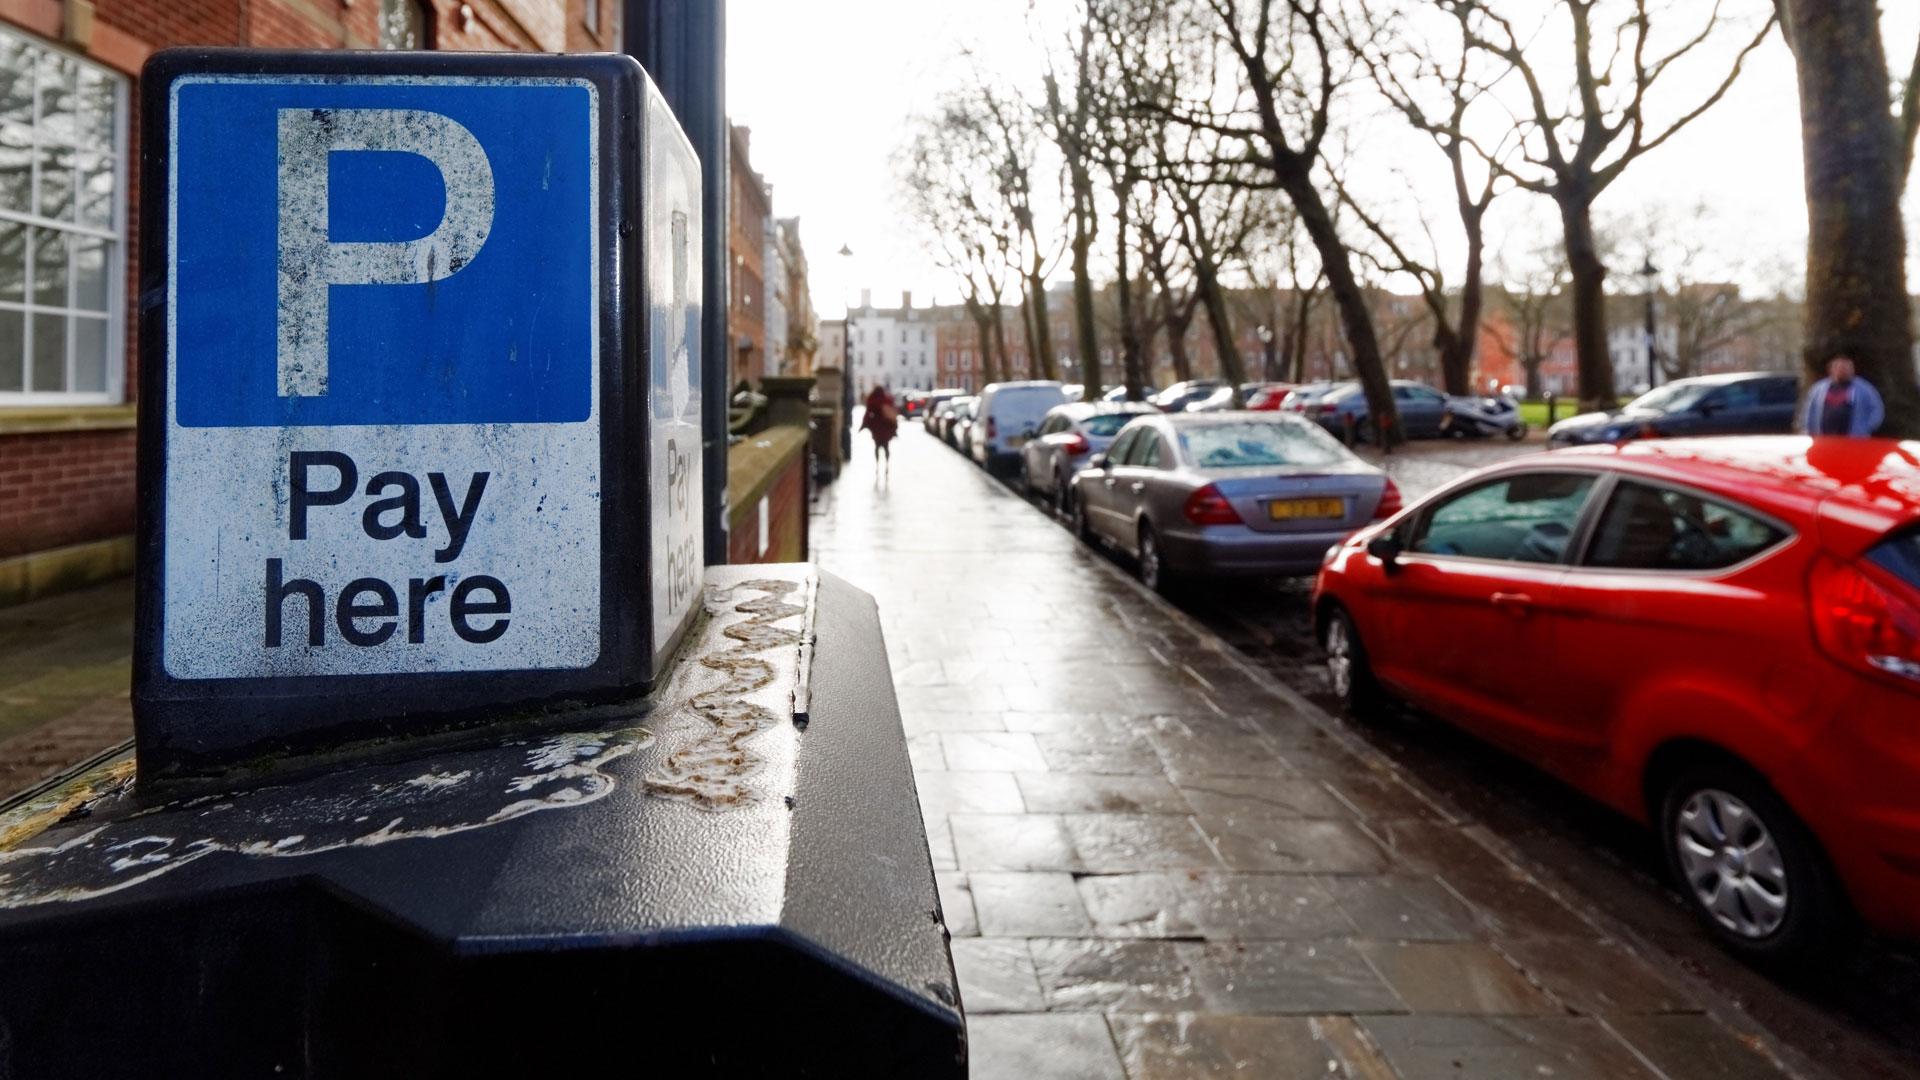 Parking ticket machine in Bristol